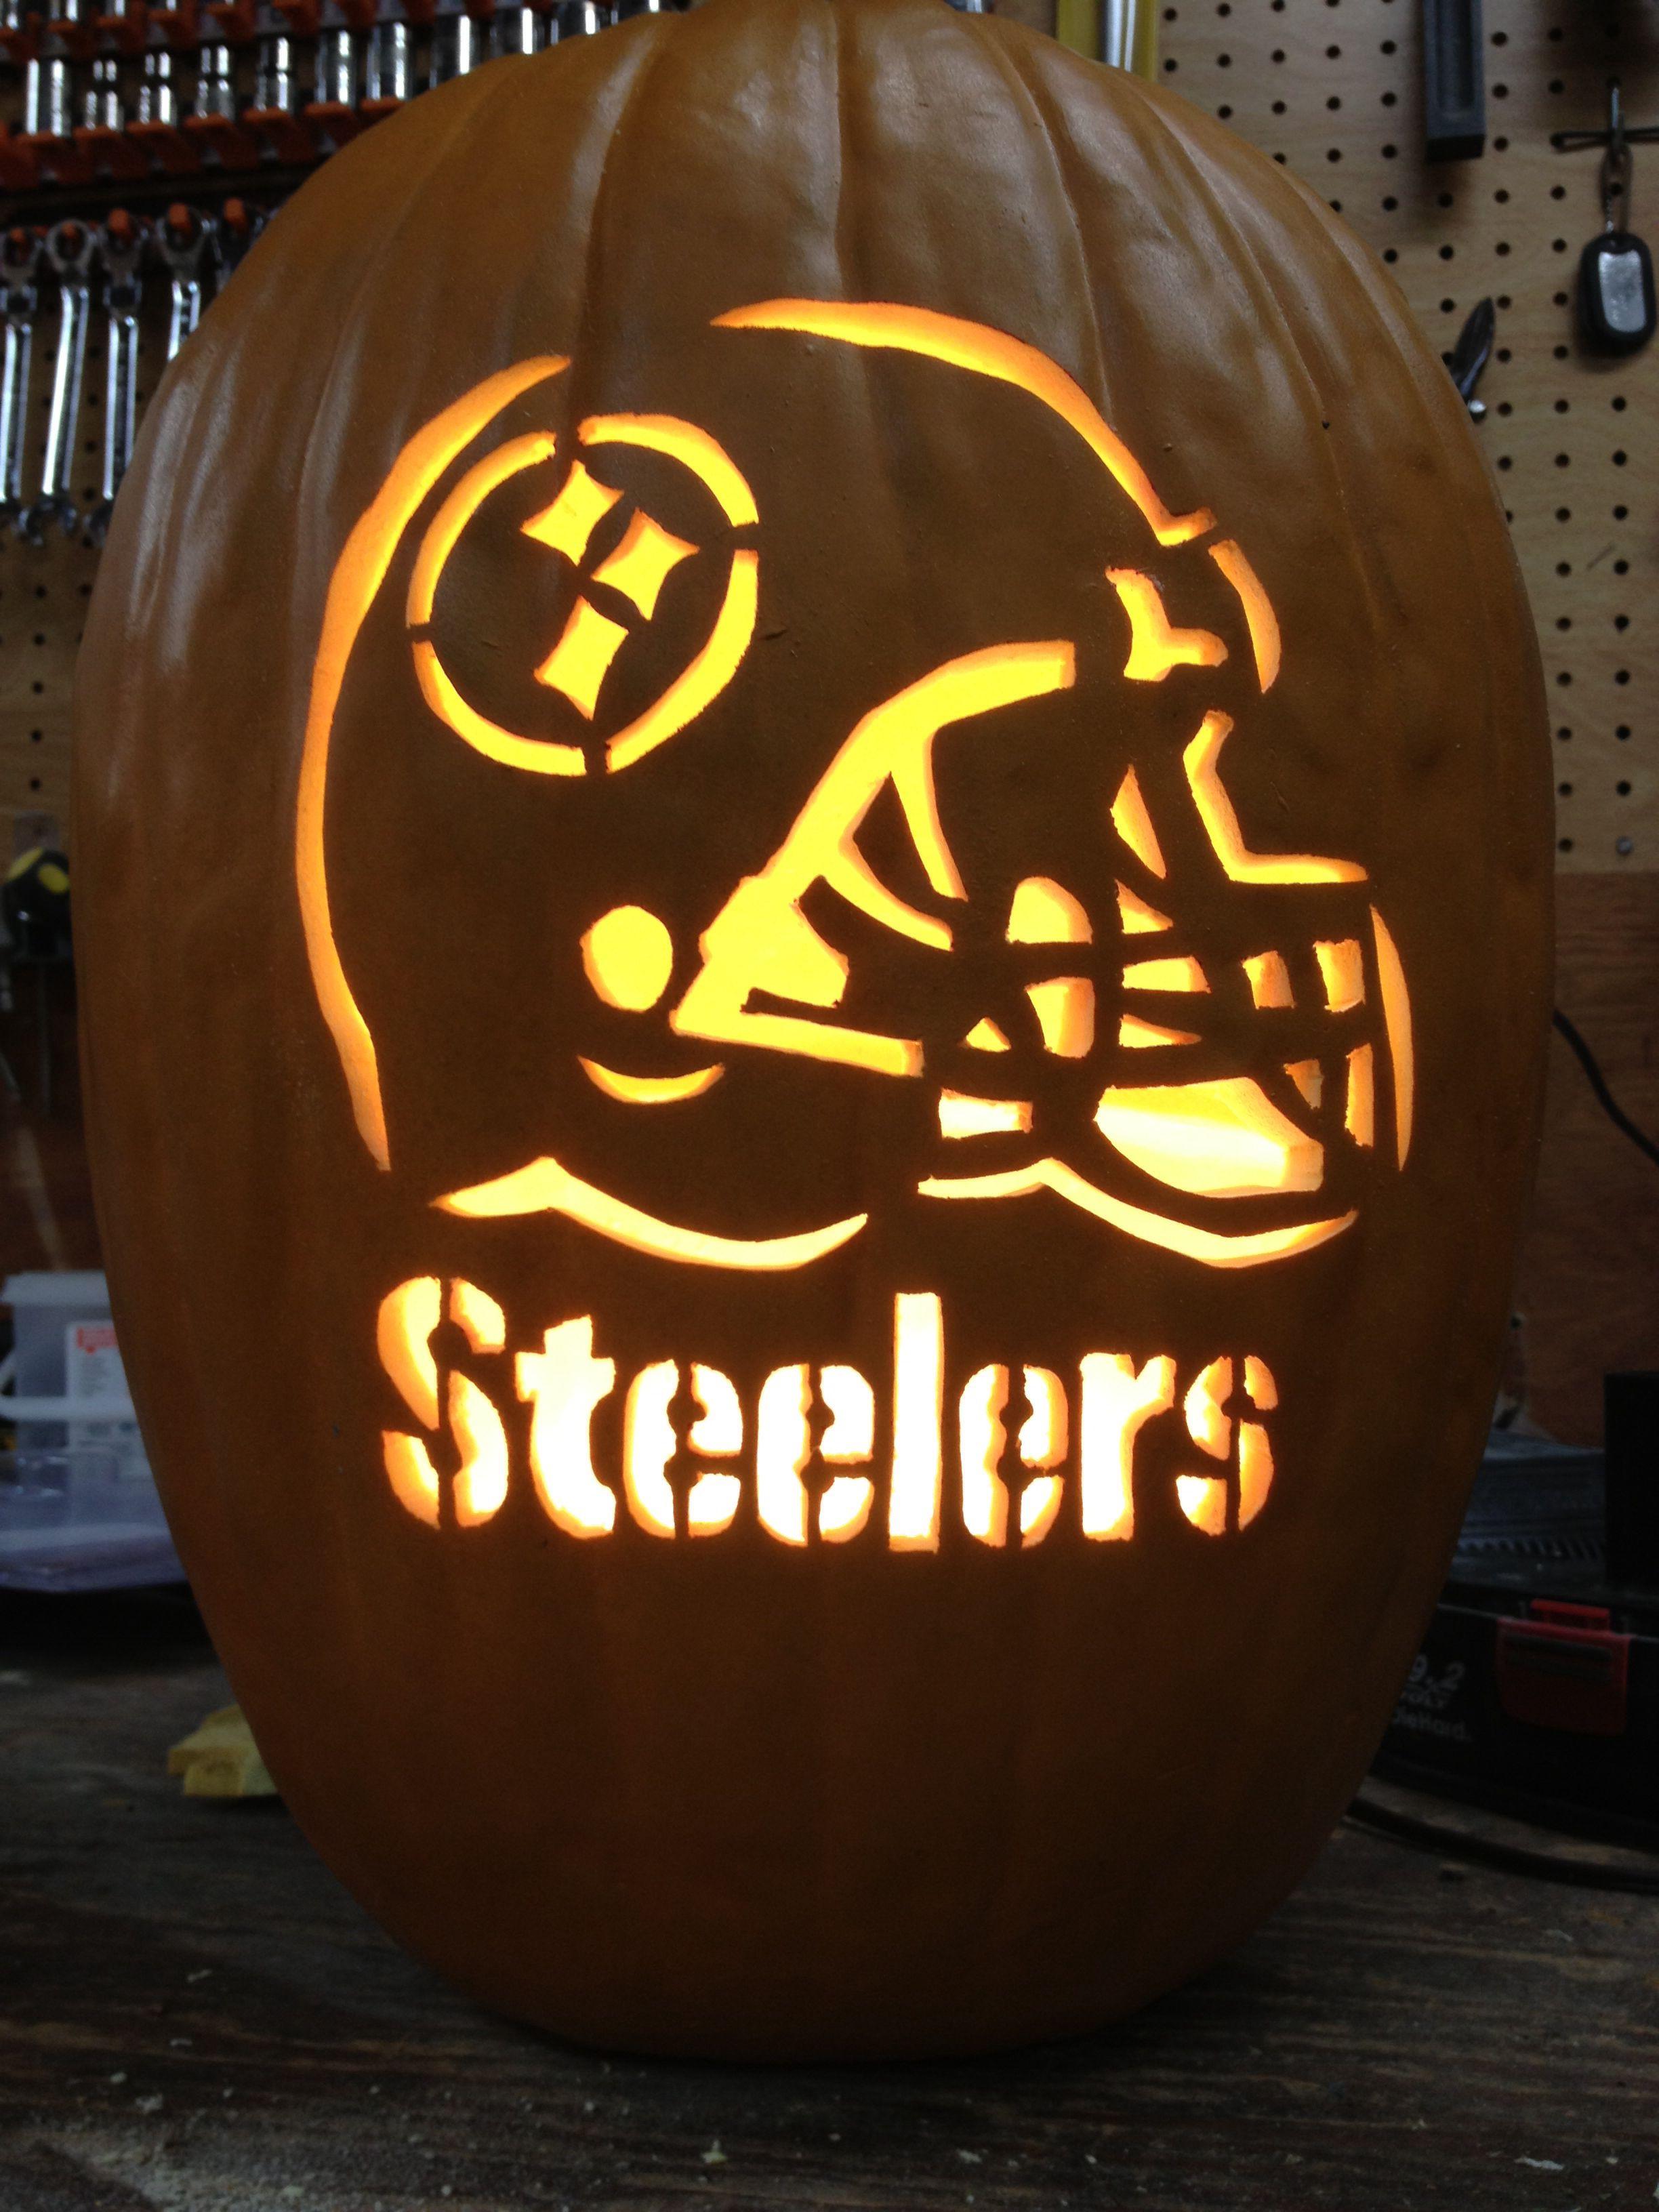 pittsburgh steelers~pumpkin | ℬℒÅℂk & yℰℒℒÕw~รteelerร ℕatioℕ